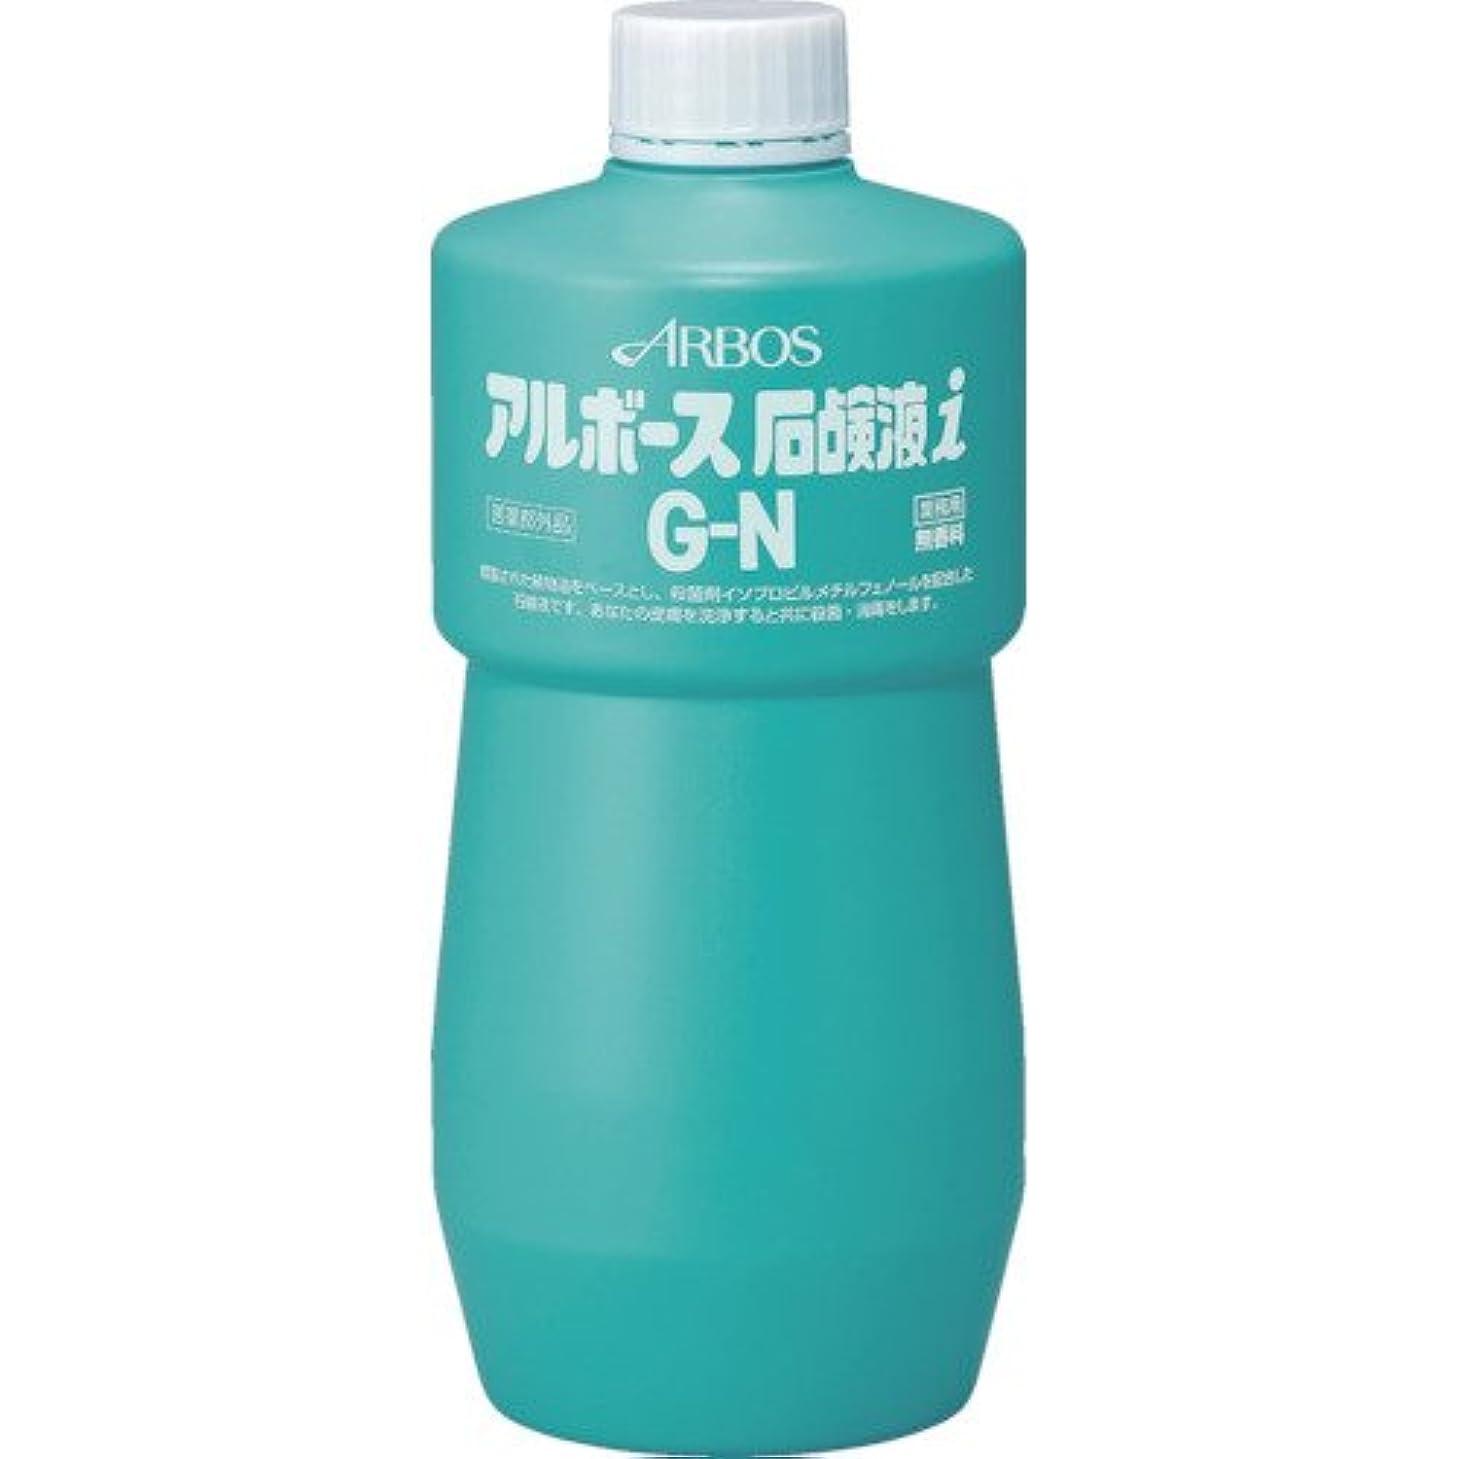 モバイルロデオ勇敢なアルボース石鹸液iGN 1G [医薬部外品]